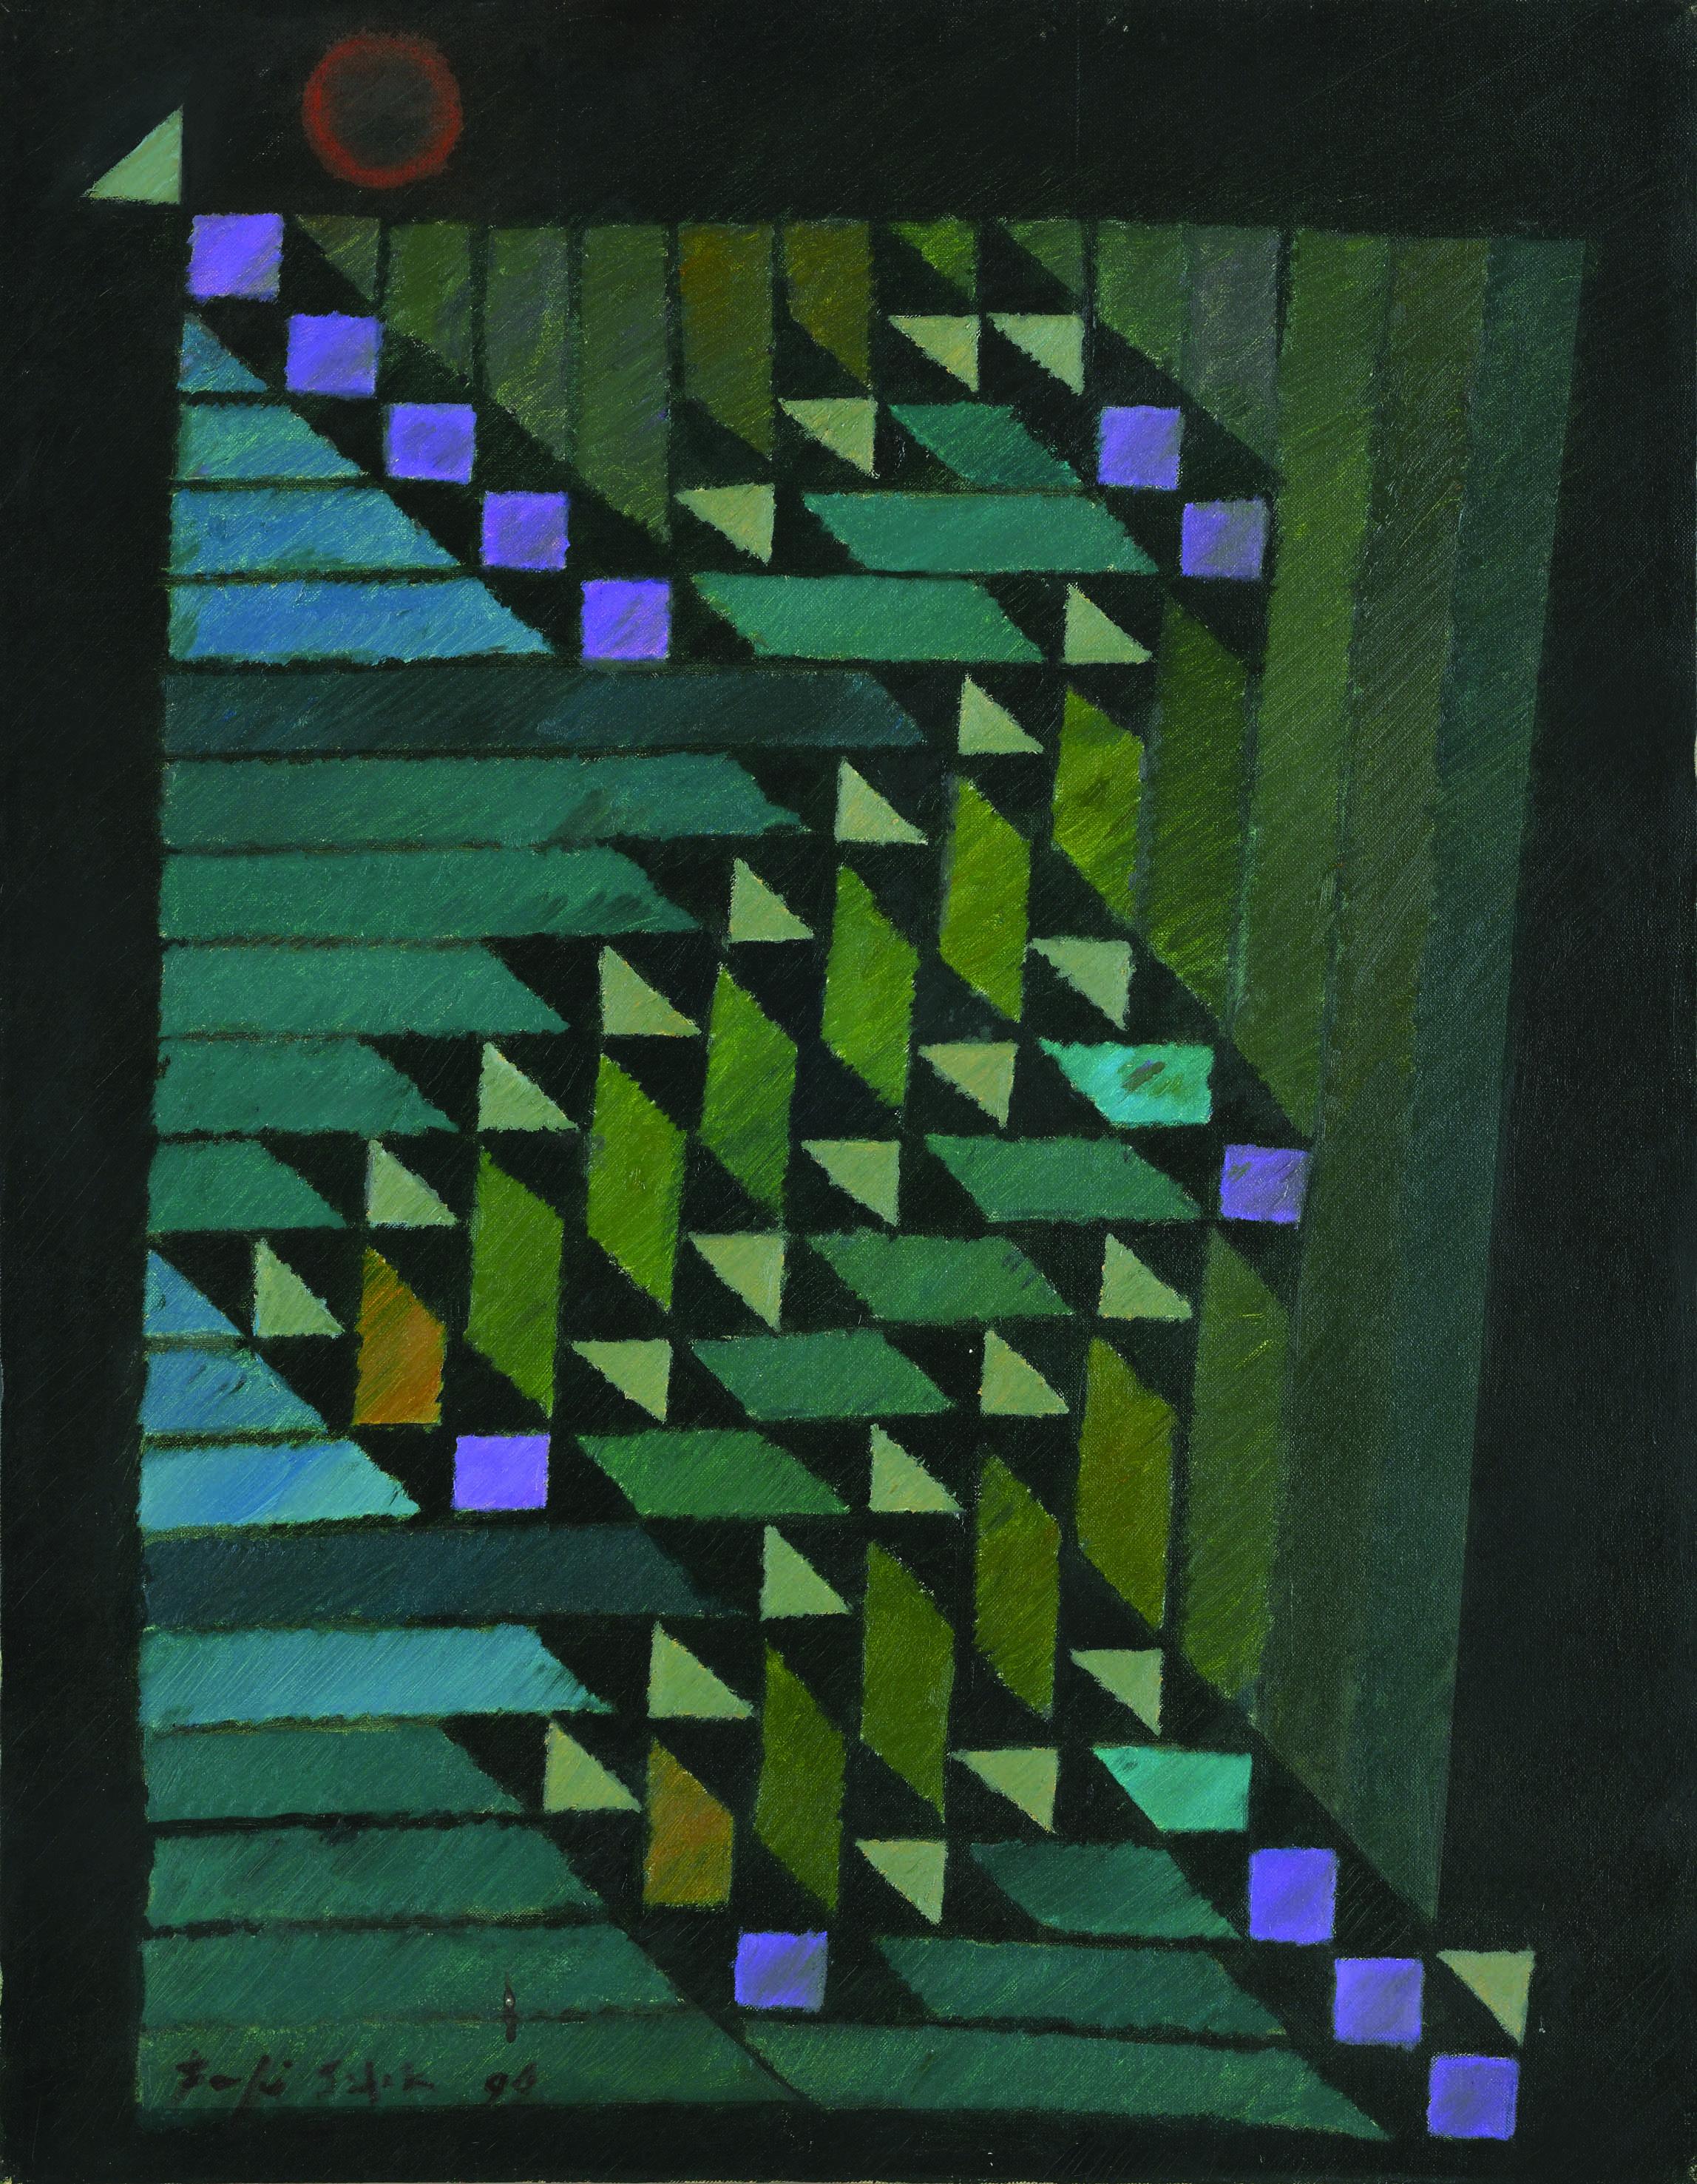 法賈希迪, 大都會,1996,油彩畫布,90 x 70 cm